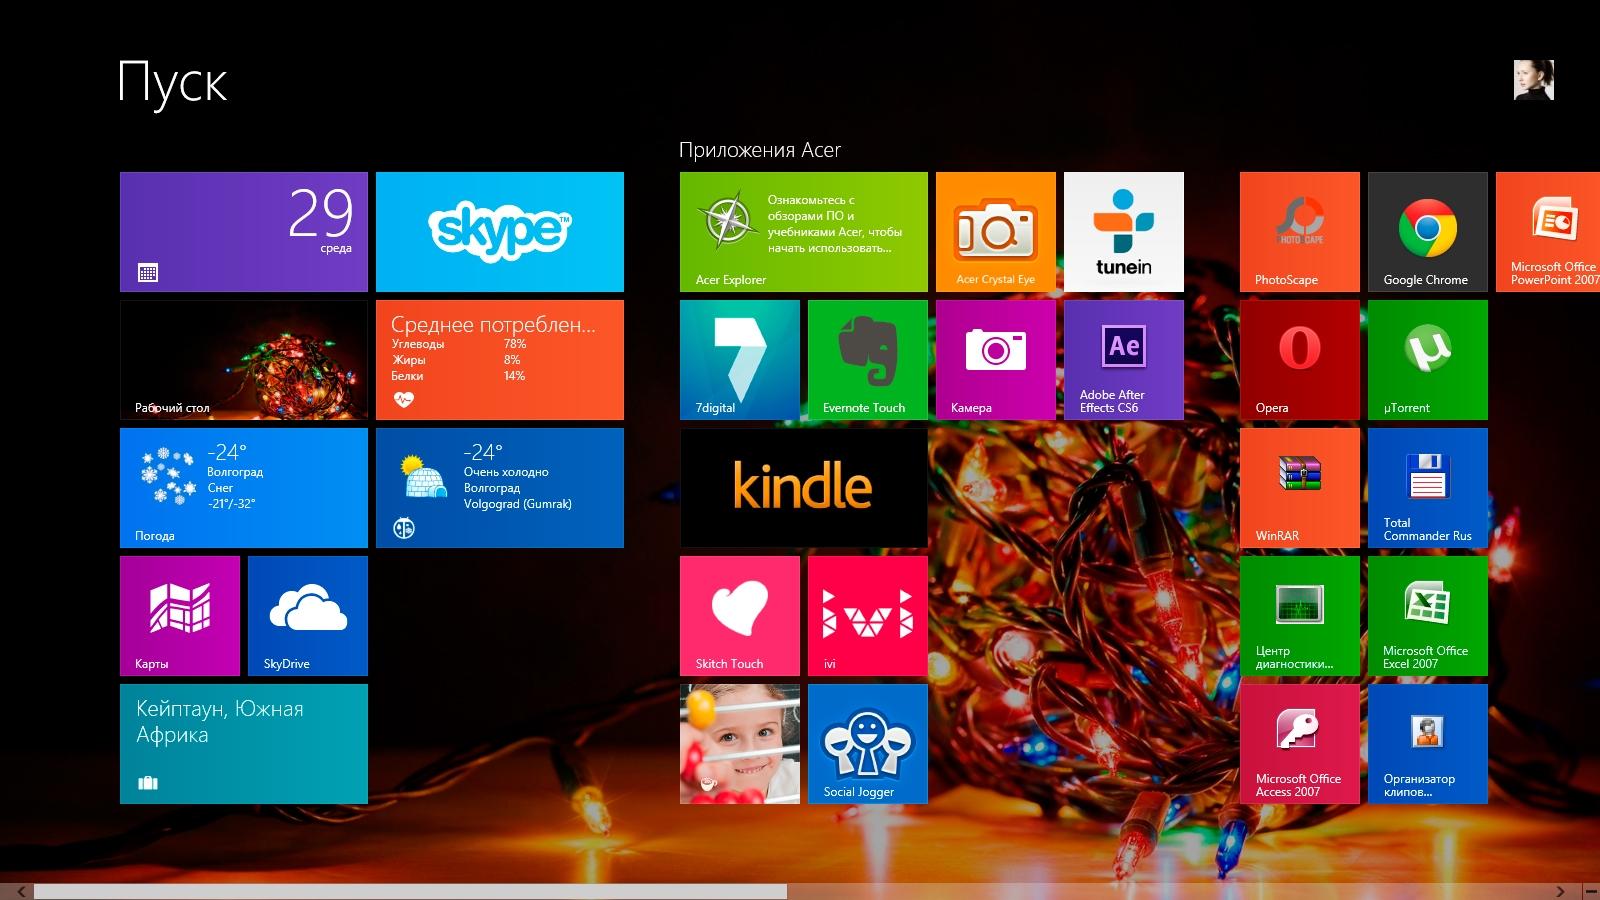 Как перезагрузить или выключить компьютер Windows 8